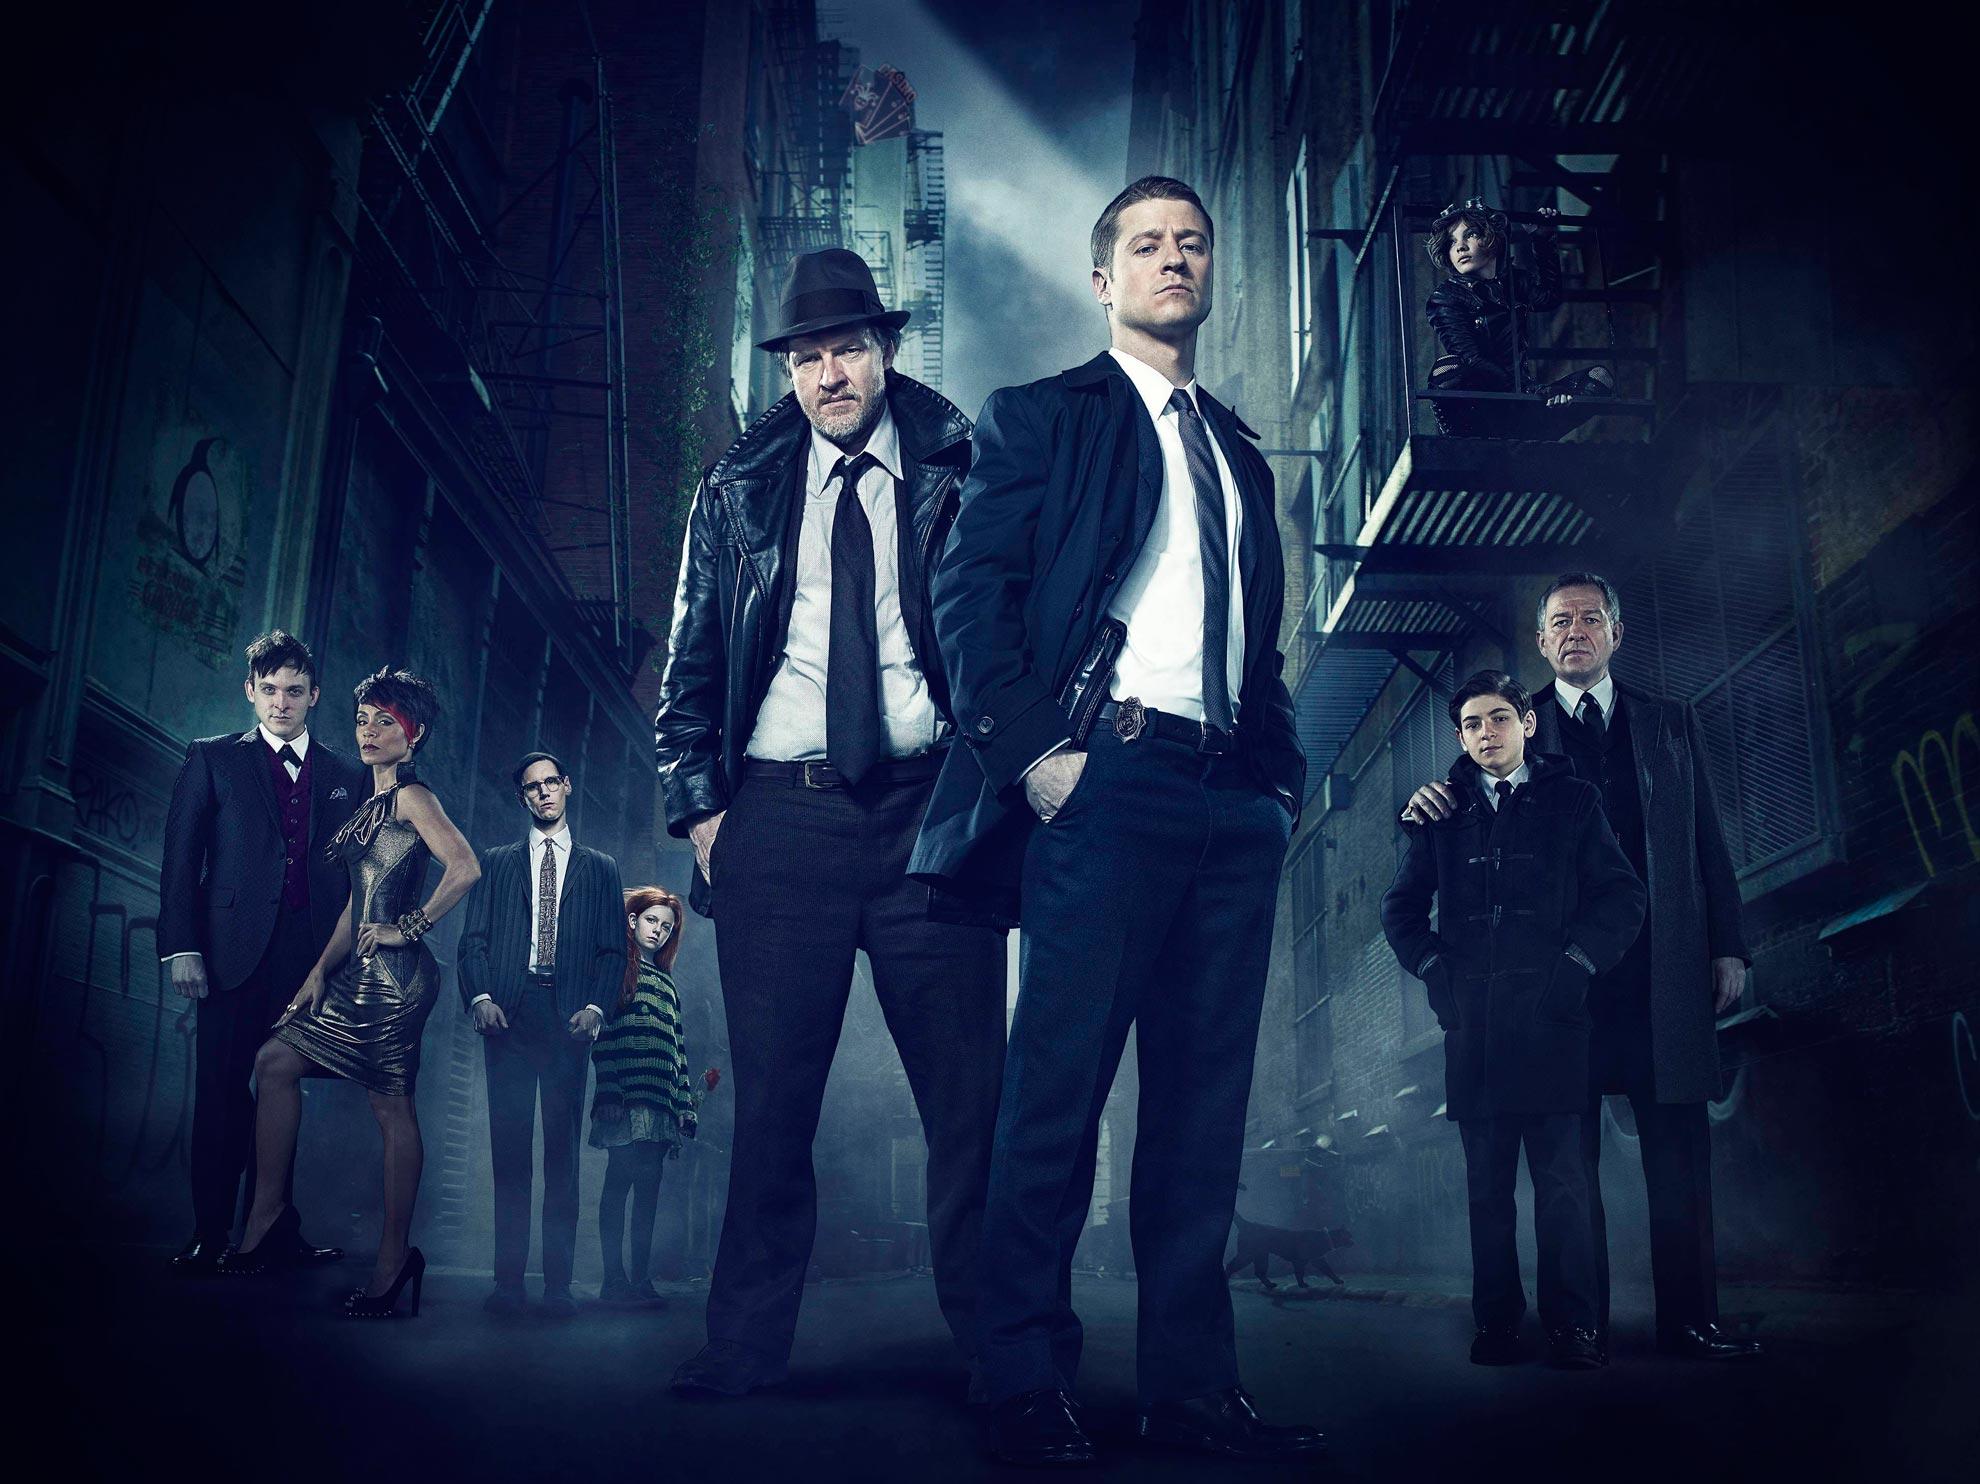 Gotham Nuevas-imagenes-de-gotham-la-serie-de-television_9faz